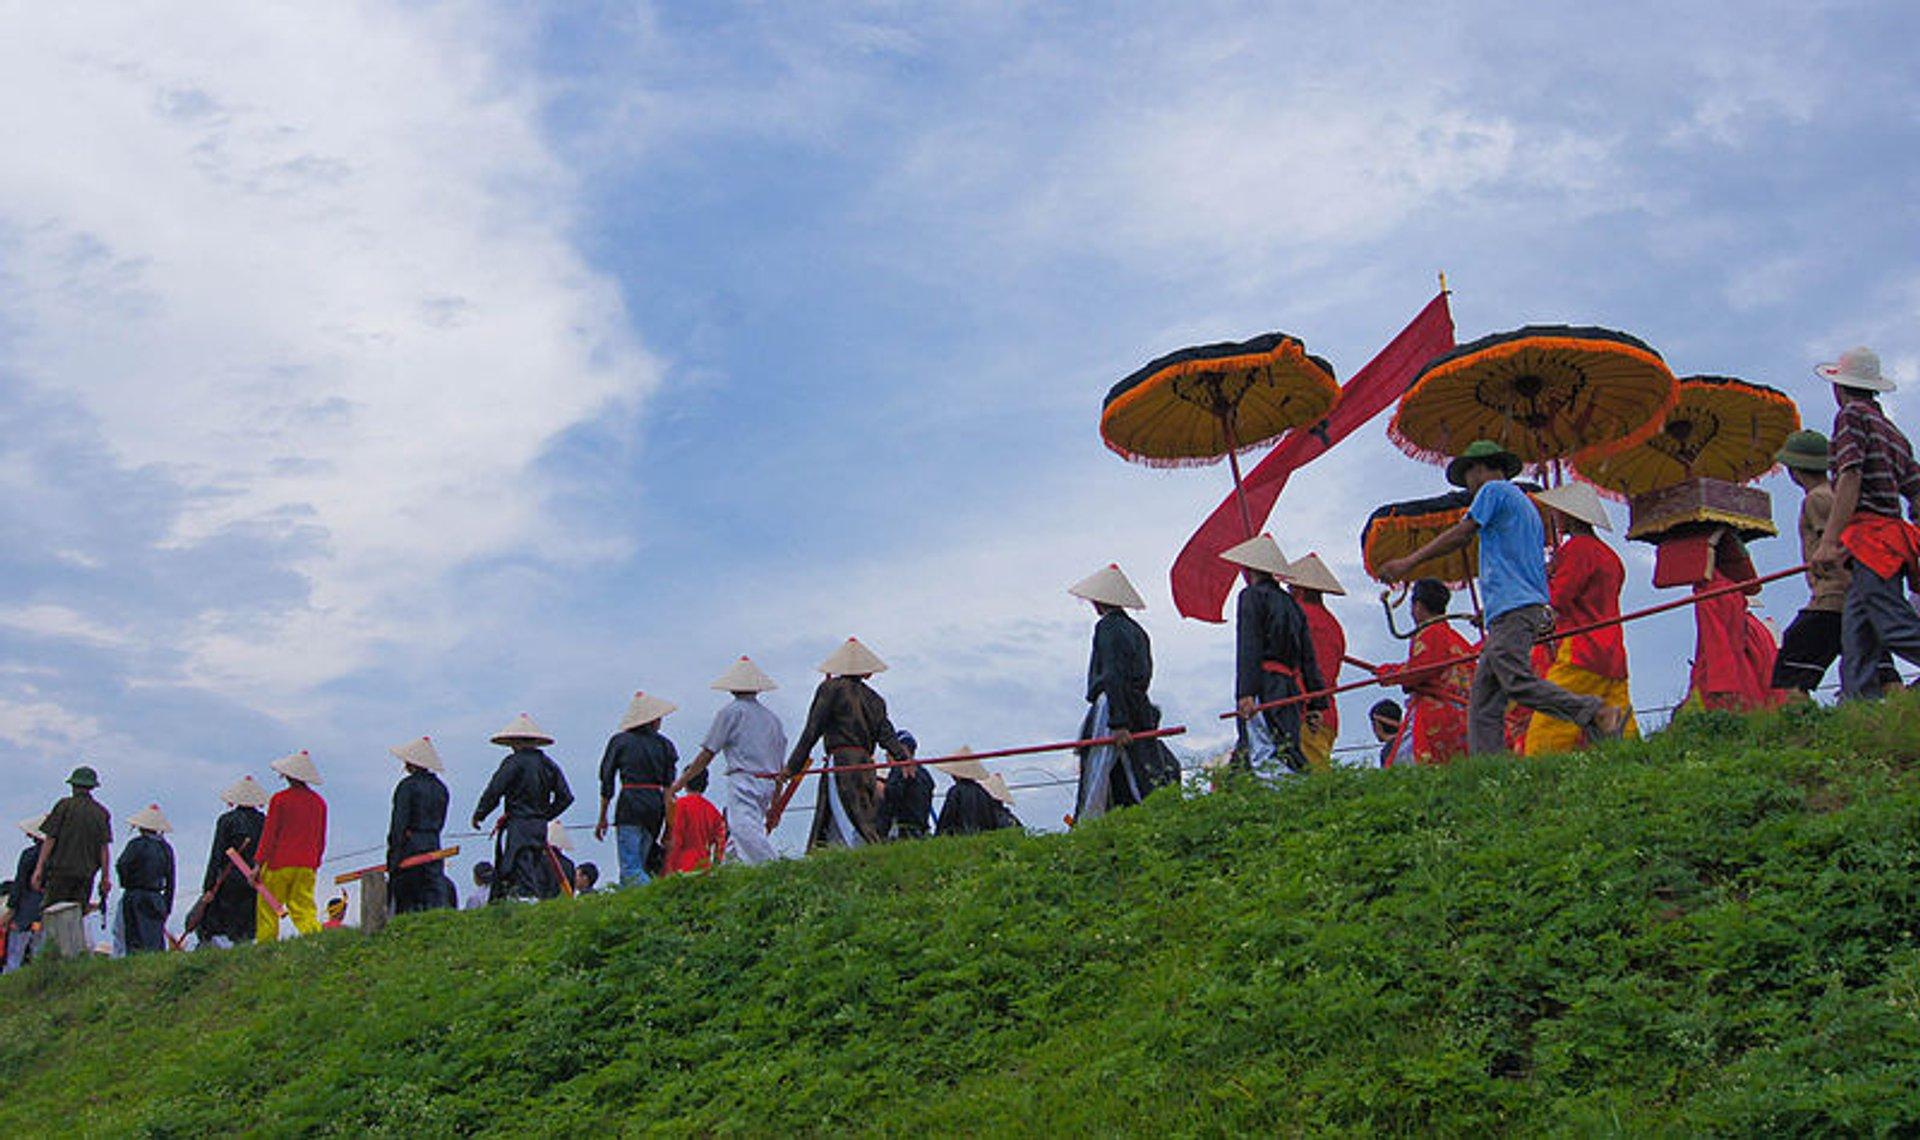 Giong Festival in Vietnam - Best Season